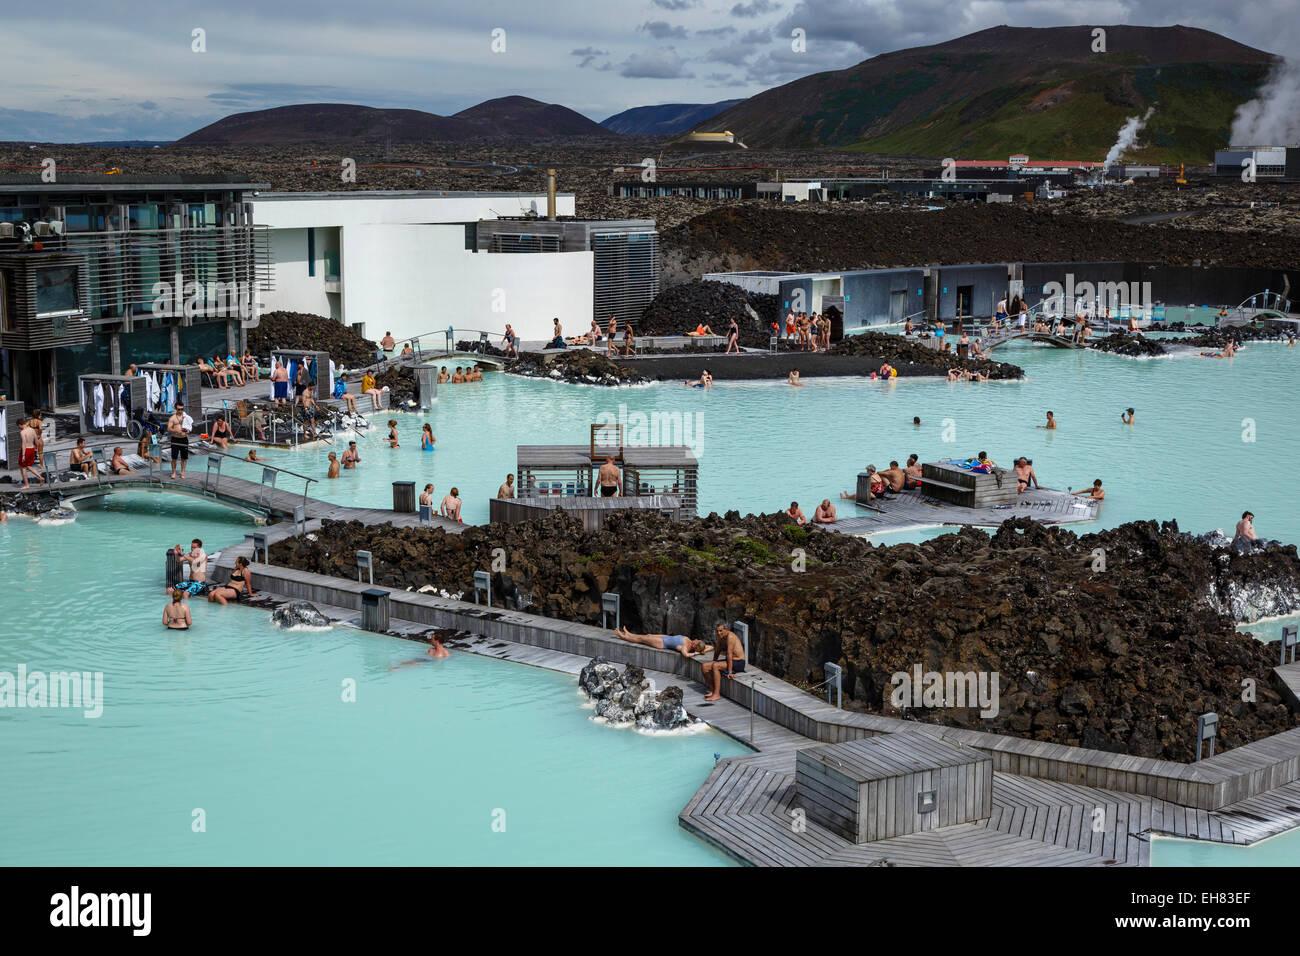 La Blue Lagoon, penisola di Reykjanes, Islanda, regioni polari Immagini Stock